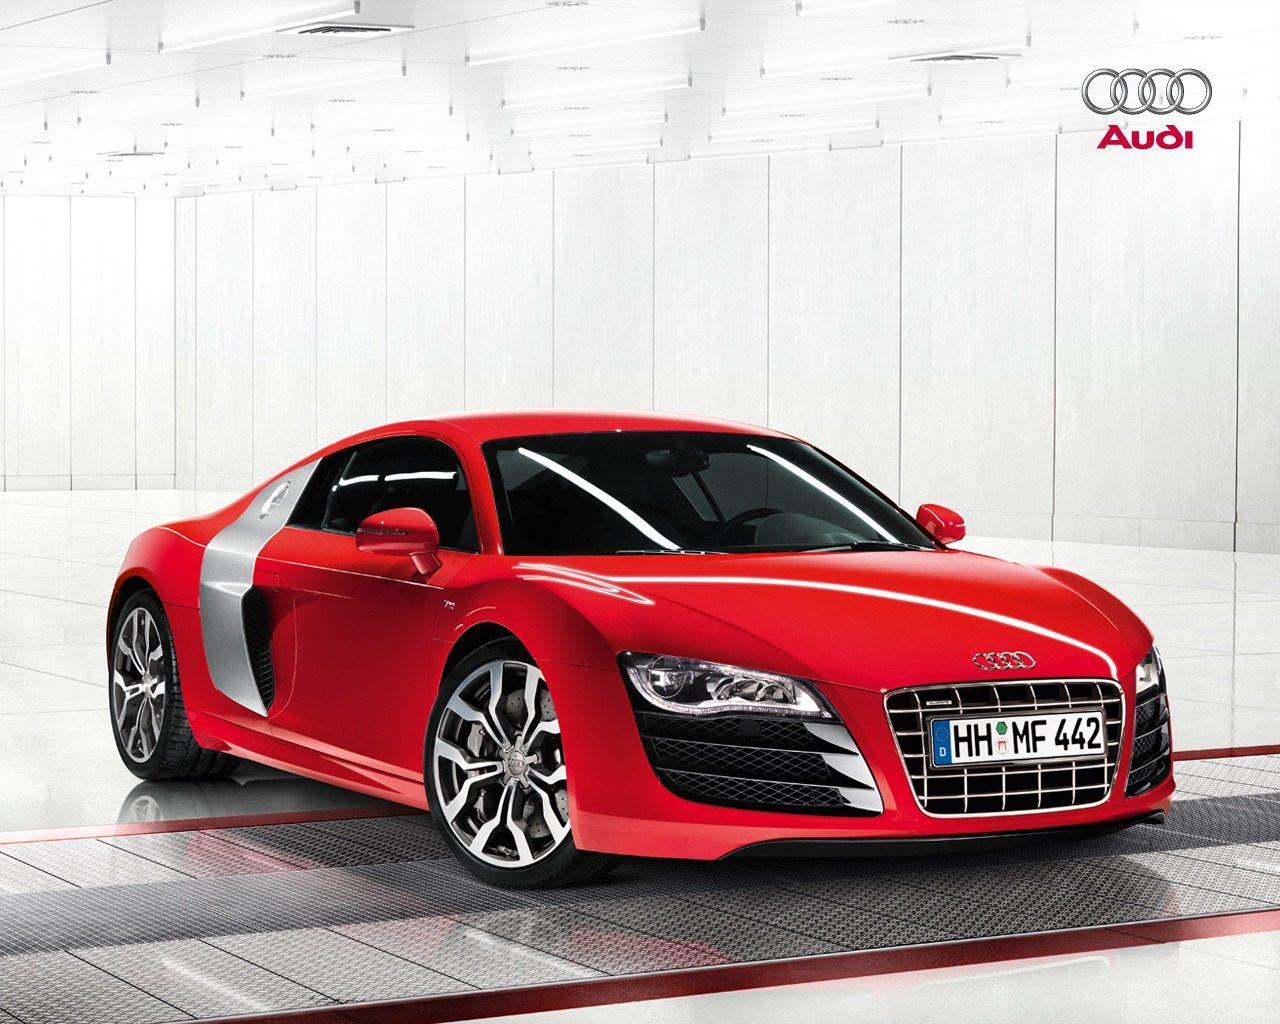 Audi_R8_V10_rood_01.jpg